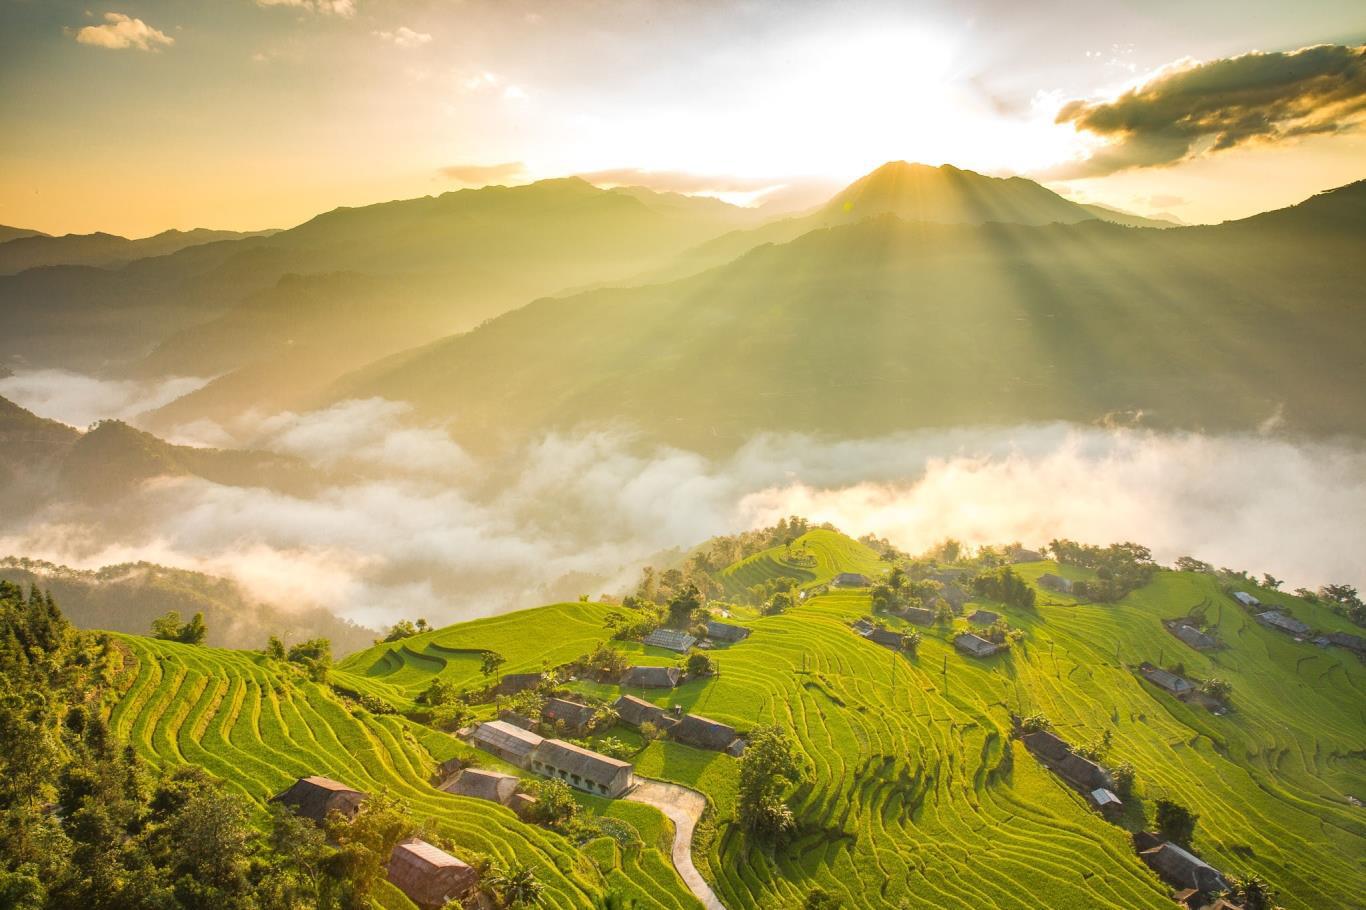 Tết này, rủ hội bạn thân check in những thiên đường sống ảo hot nhất Miền Bắc - Ảnh 1.